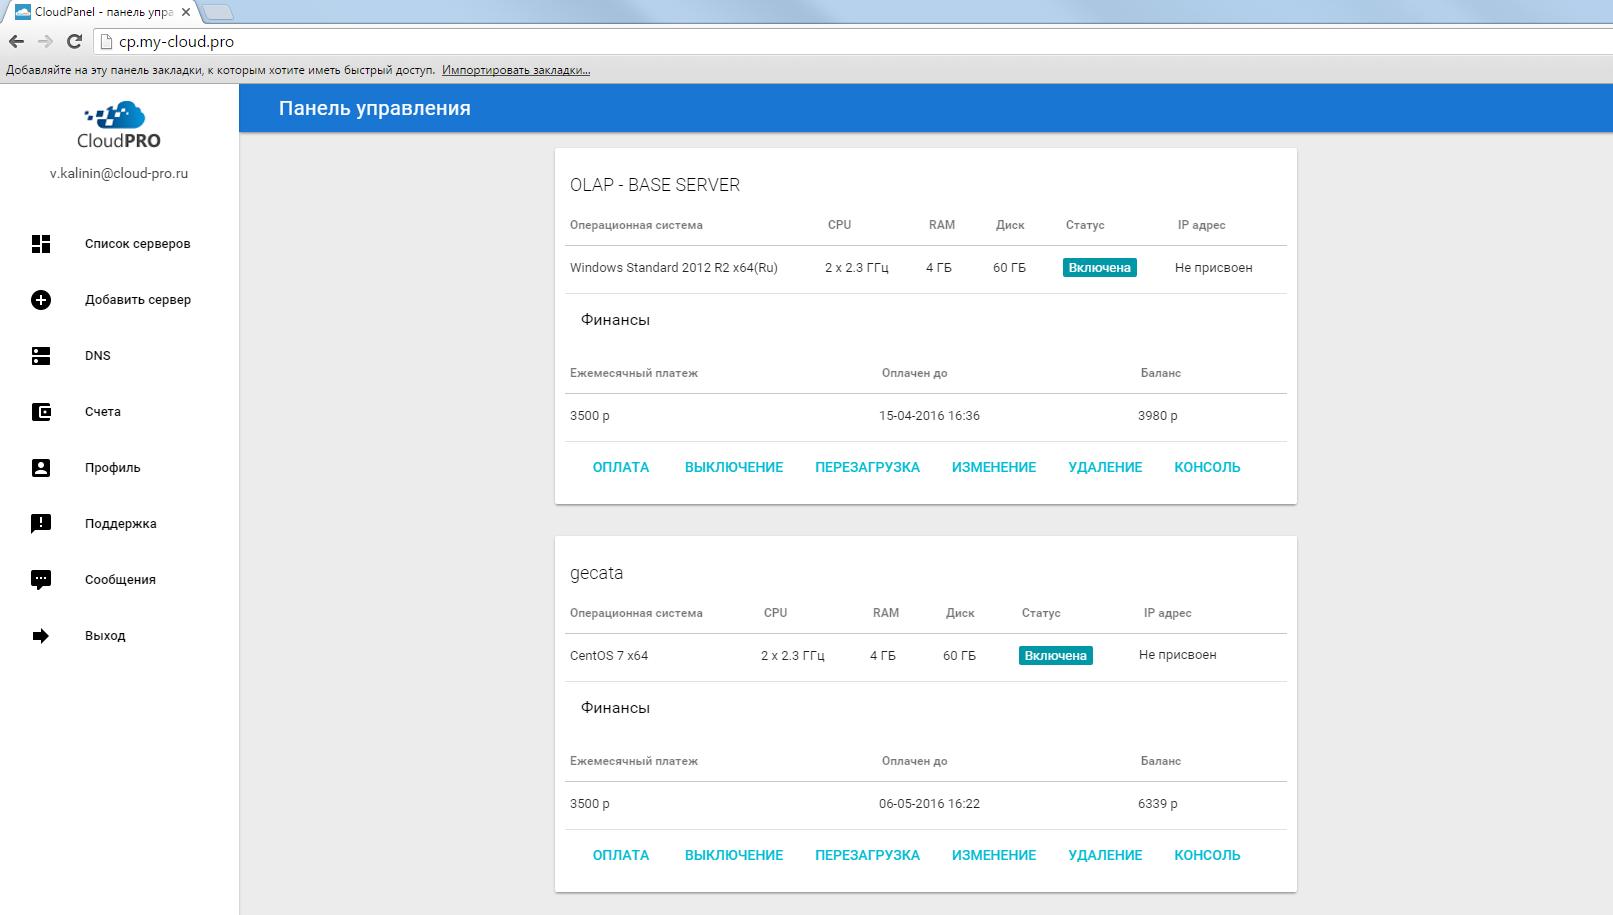 Панель управления CloudPro